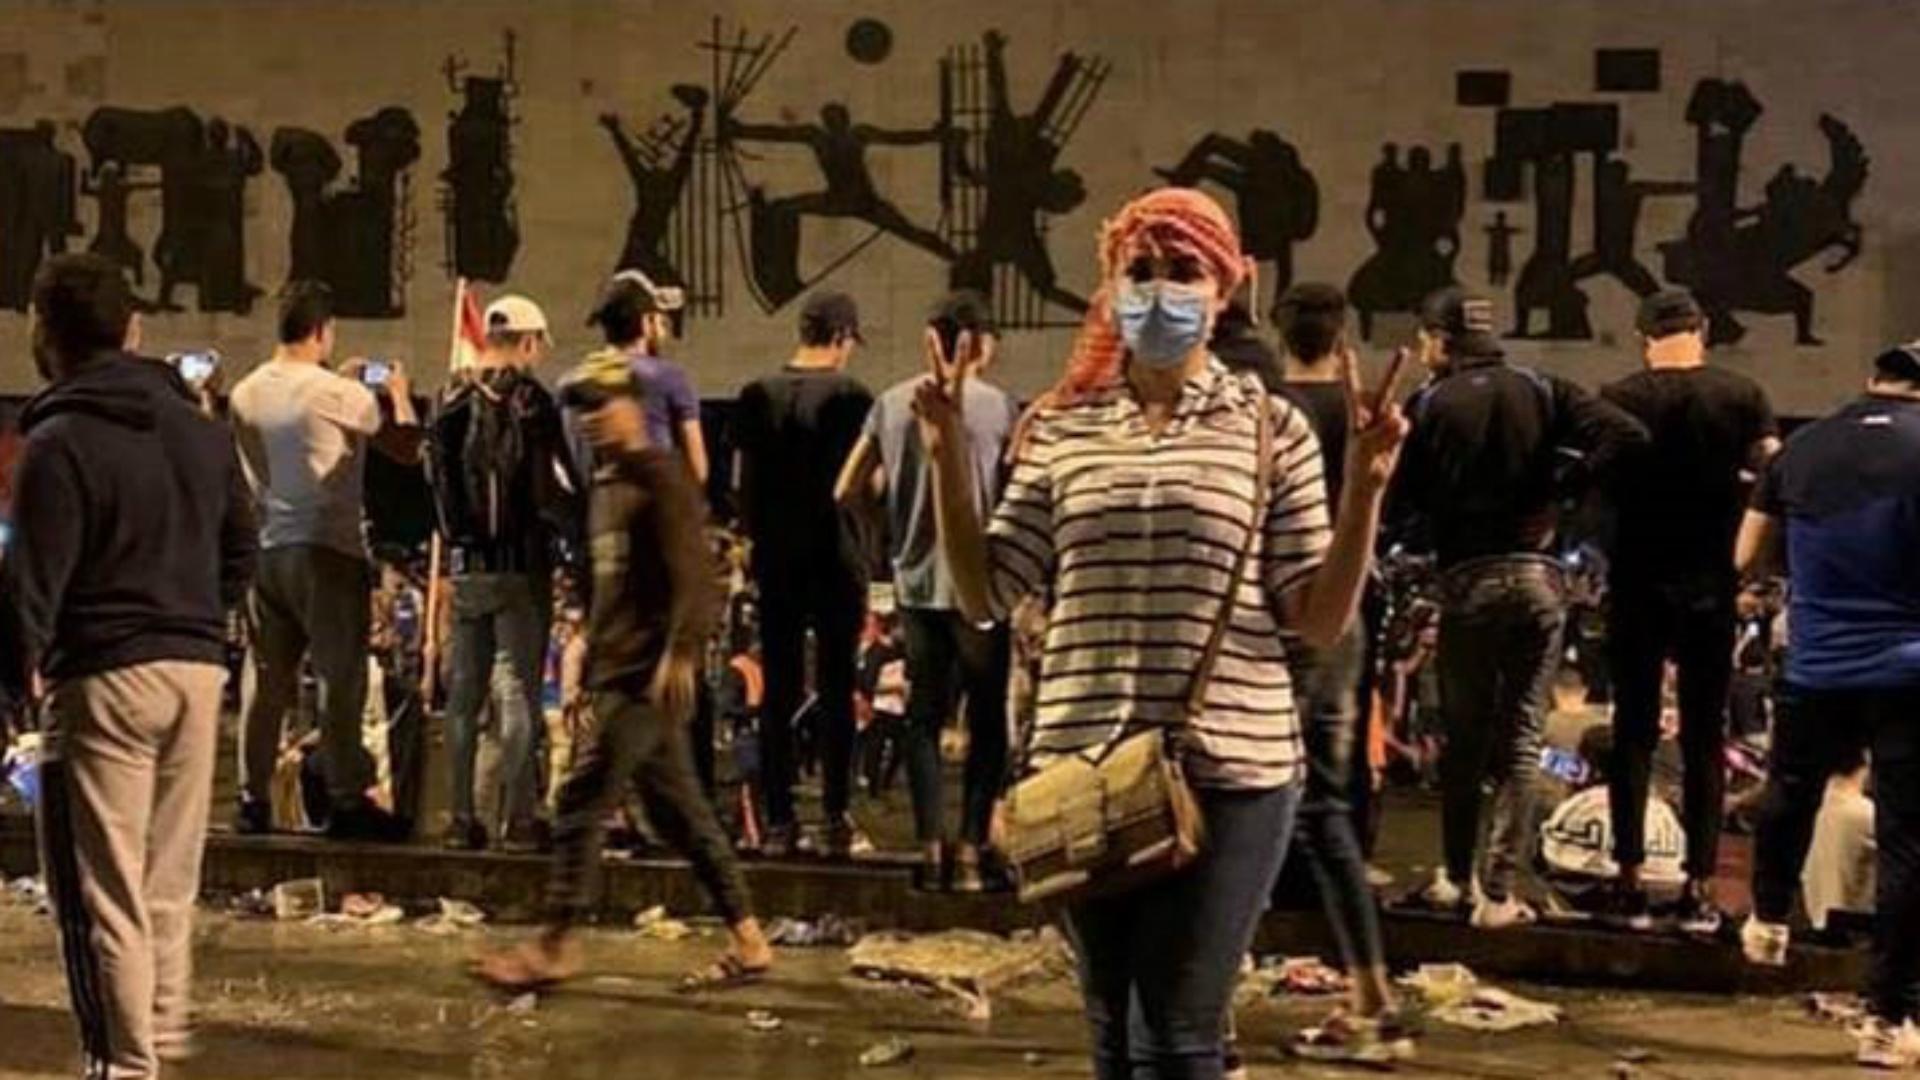 حقوق الإنسان تطالب بالكشف عن مصير مسعفة مختطفة